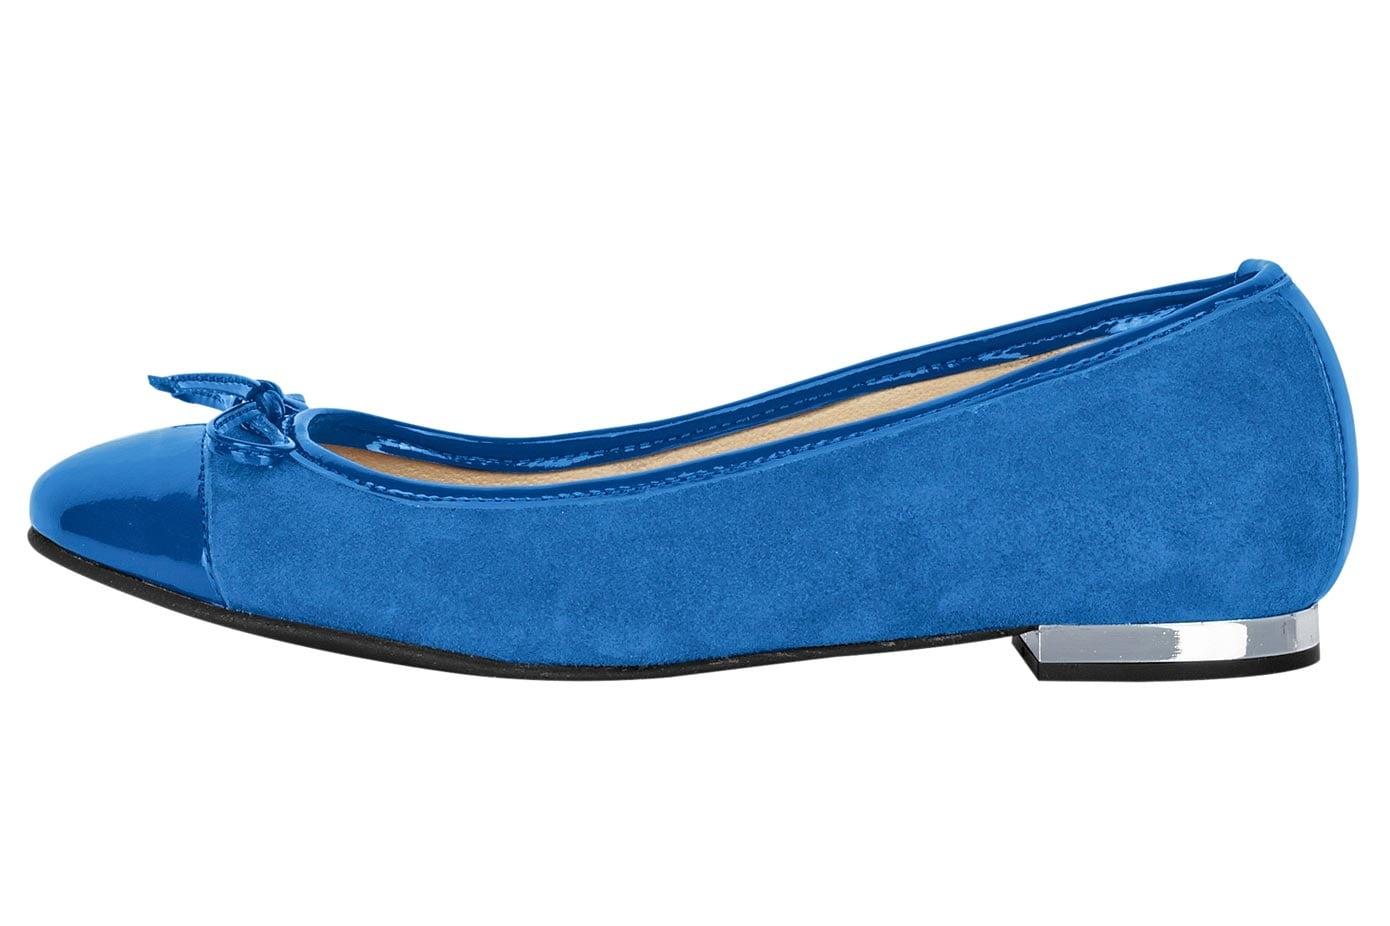 heine Ballerina blau Damen Ballerinas